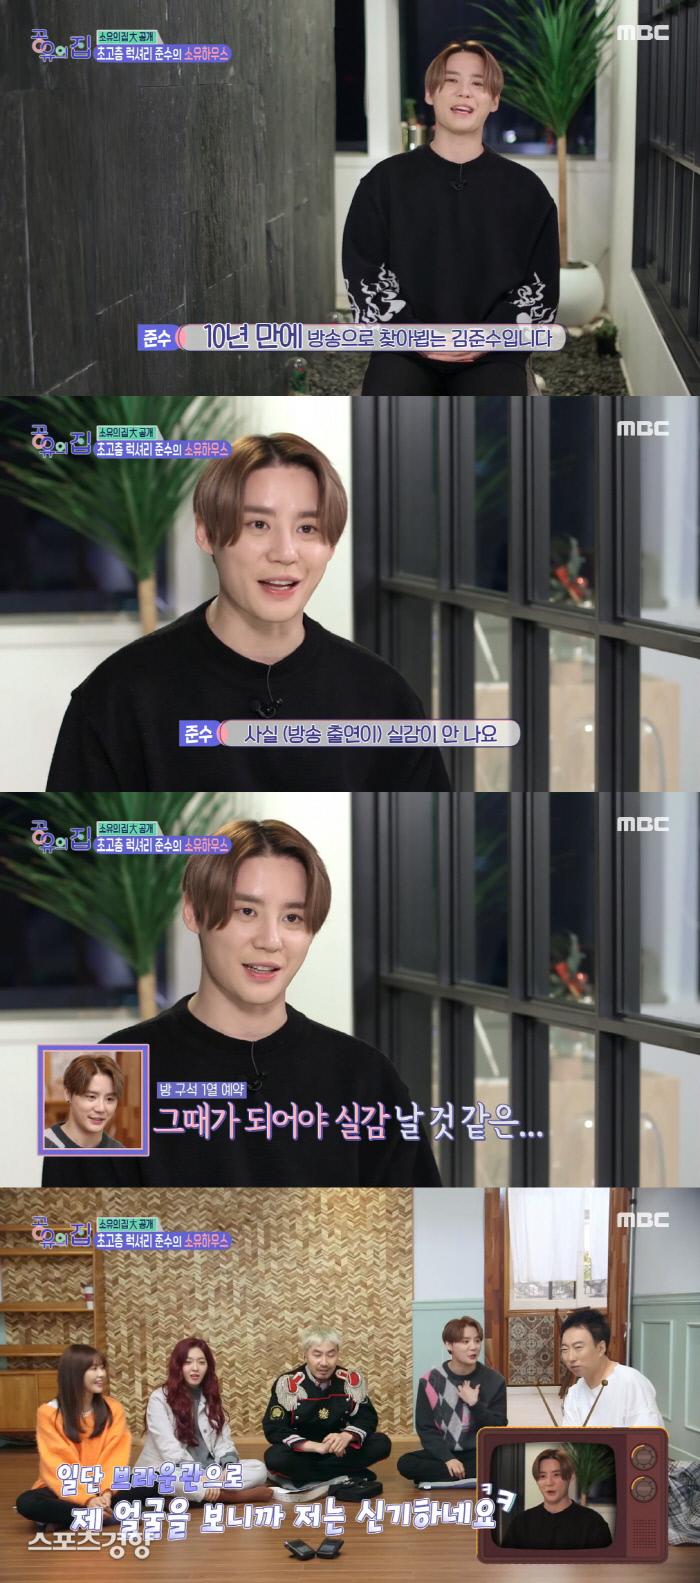 김준수가 '공유의 집'에 출연하며 약 10년 만의 지상파 출연에 감격을 감추지 않았다. MBC 방송 화면